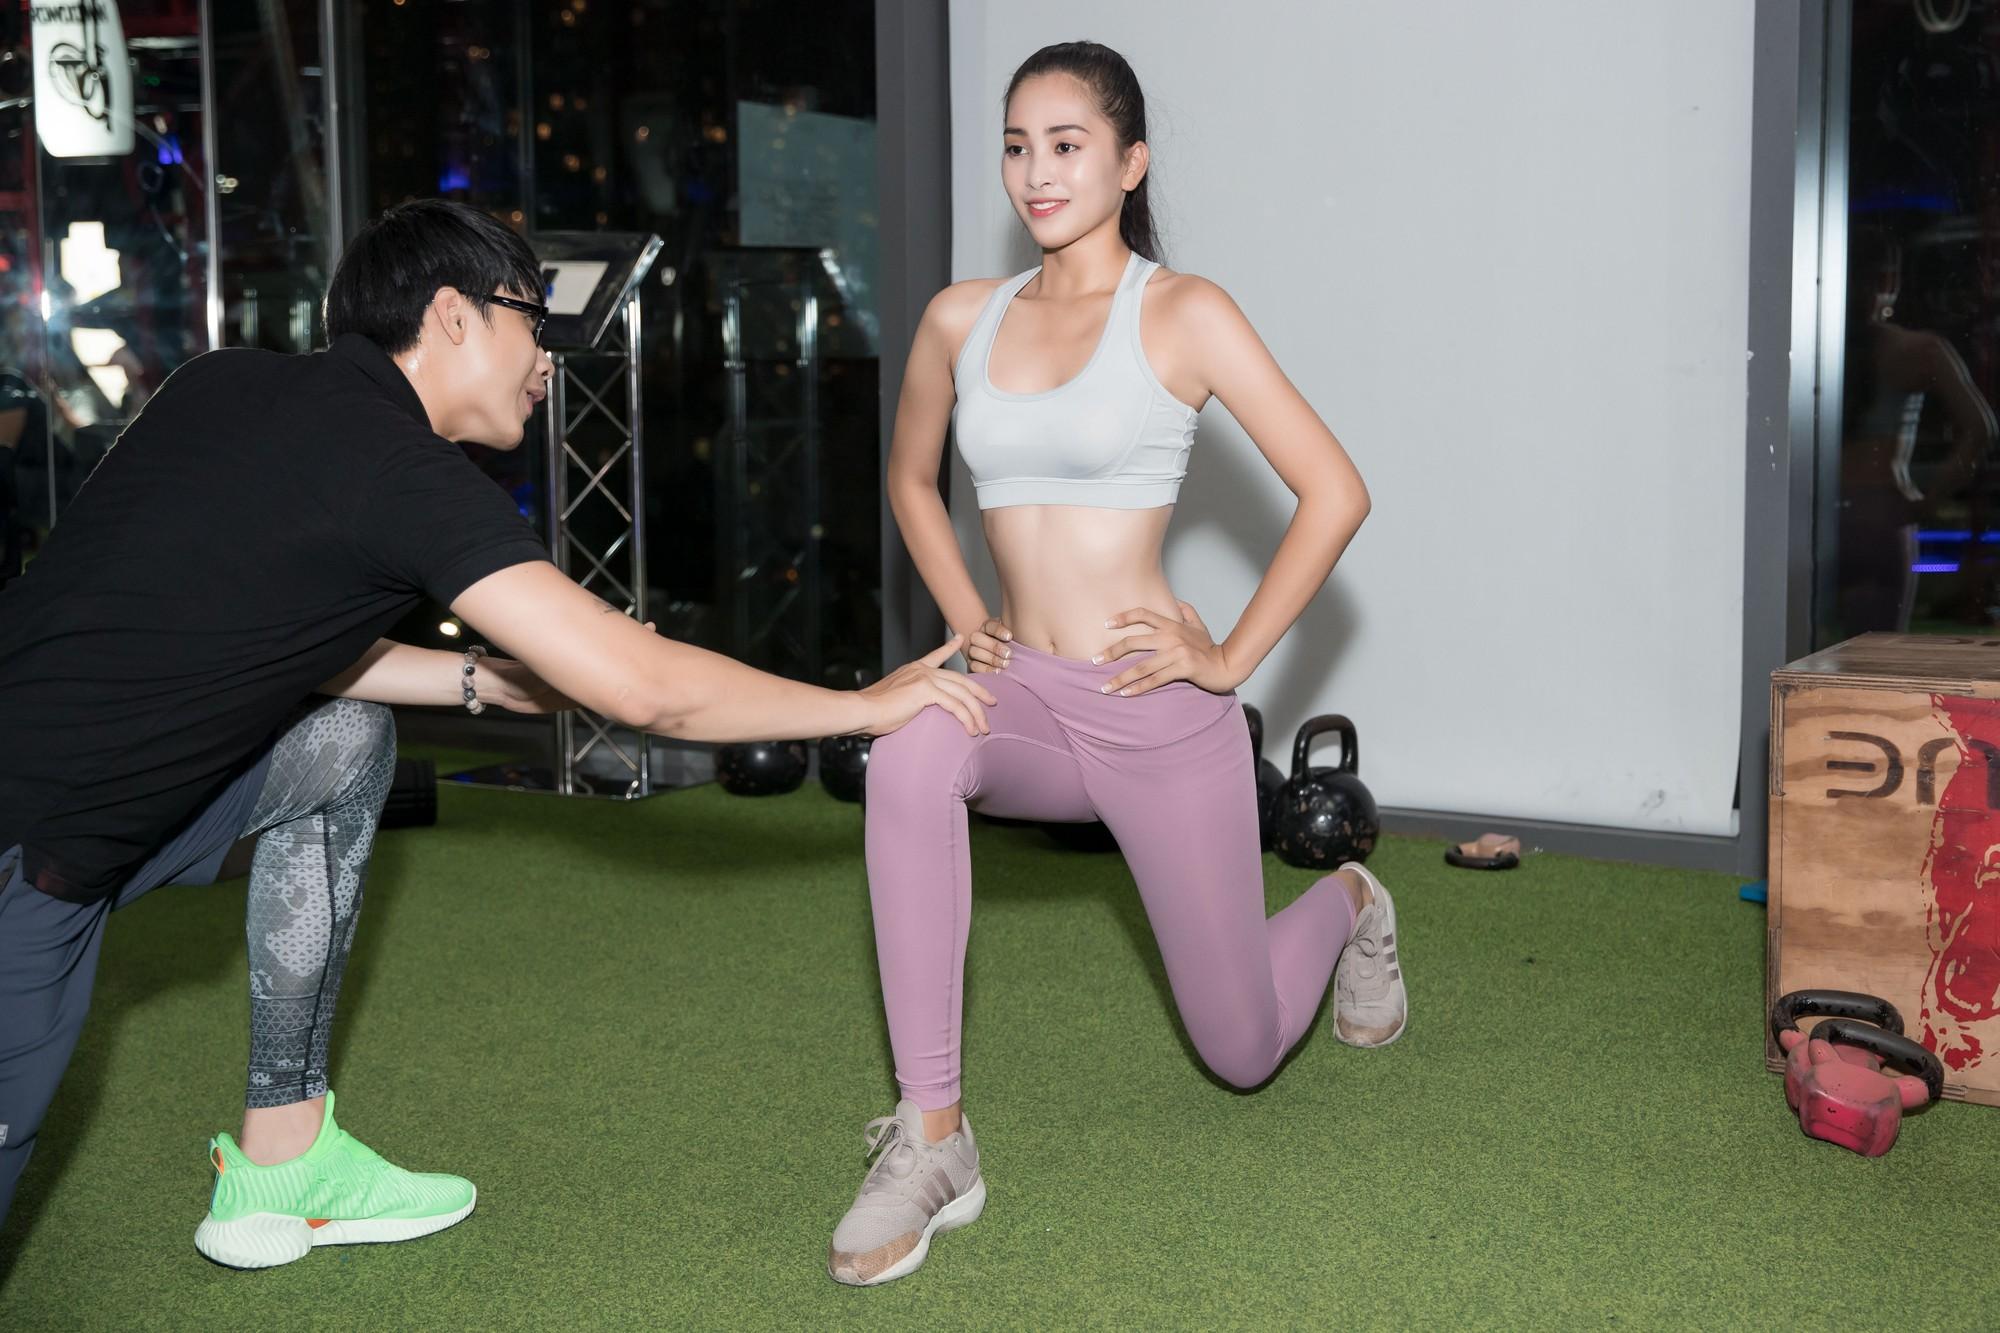 Hoa hậu Tiểu Vy tự tin khoe eo thon, dáng chuẩn trong buổi tập đầu tiên cho hành trình đến với Miss World 2018 - Ảnh 2.